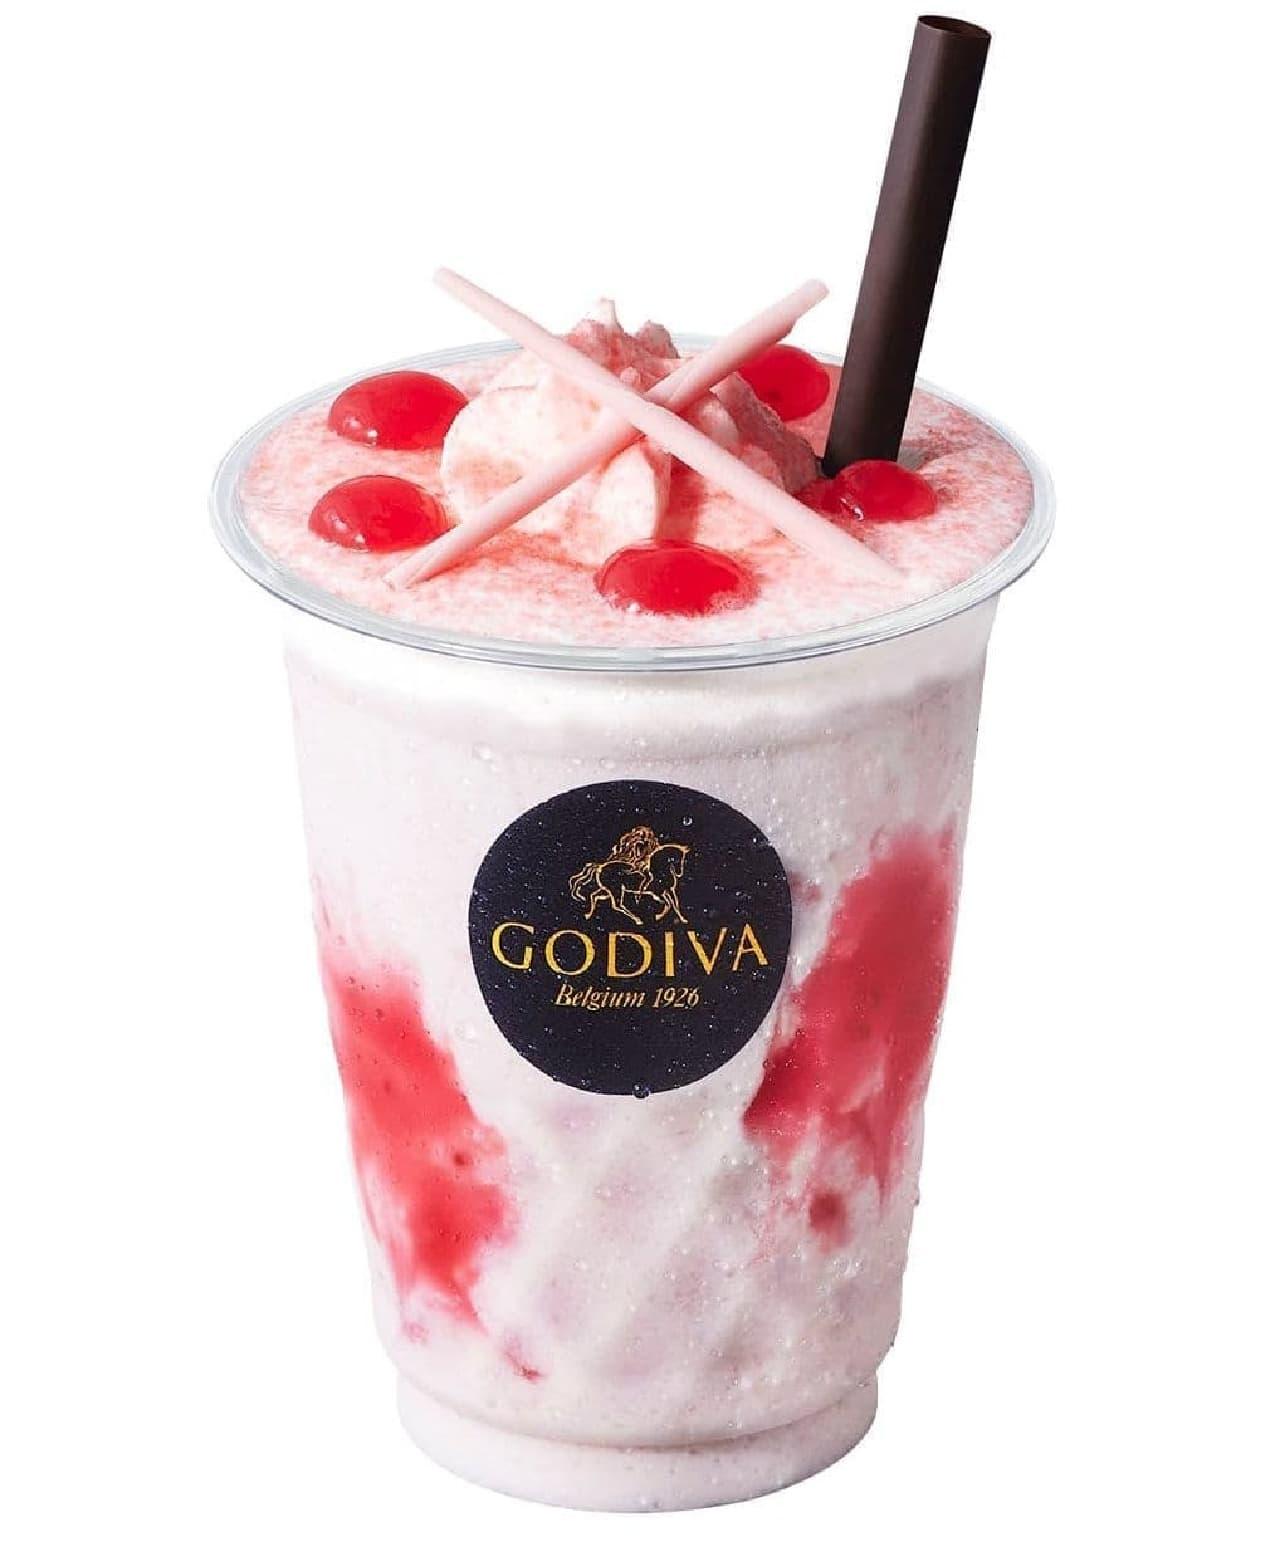 ゴディバ「ショコリキサー あまおう」